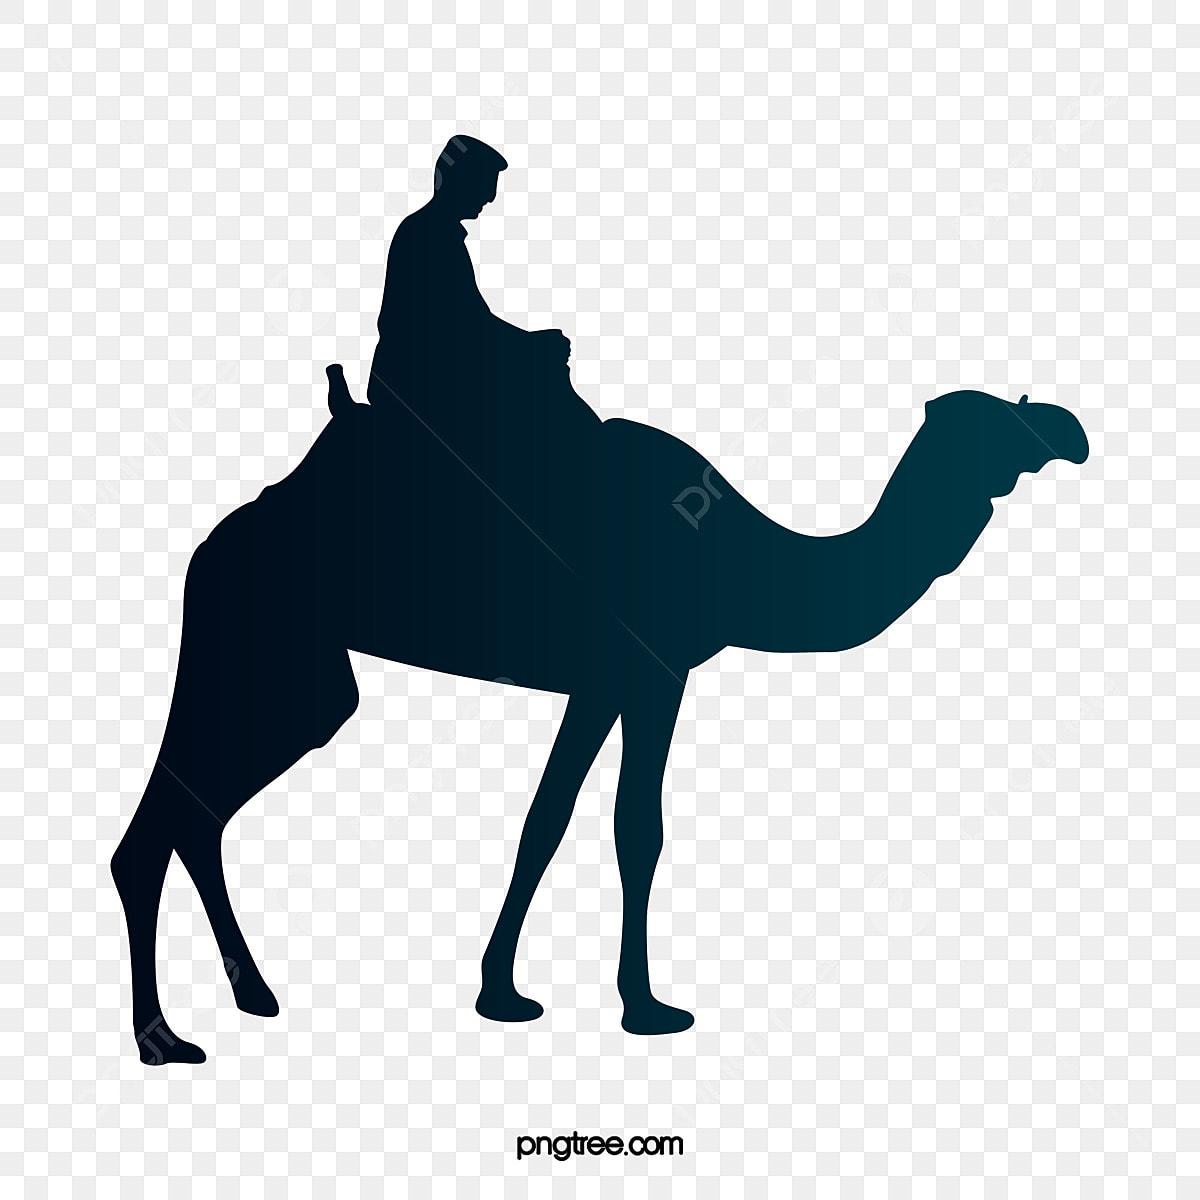 Camel clipart. Free download transparent .PNG   Creazilla